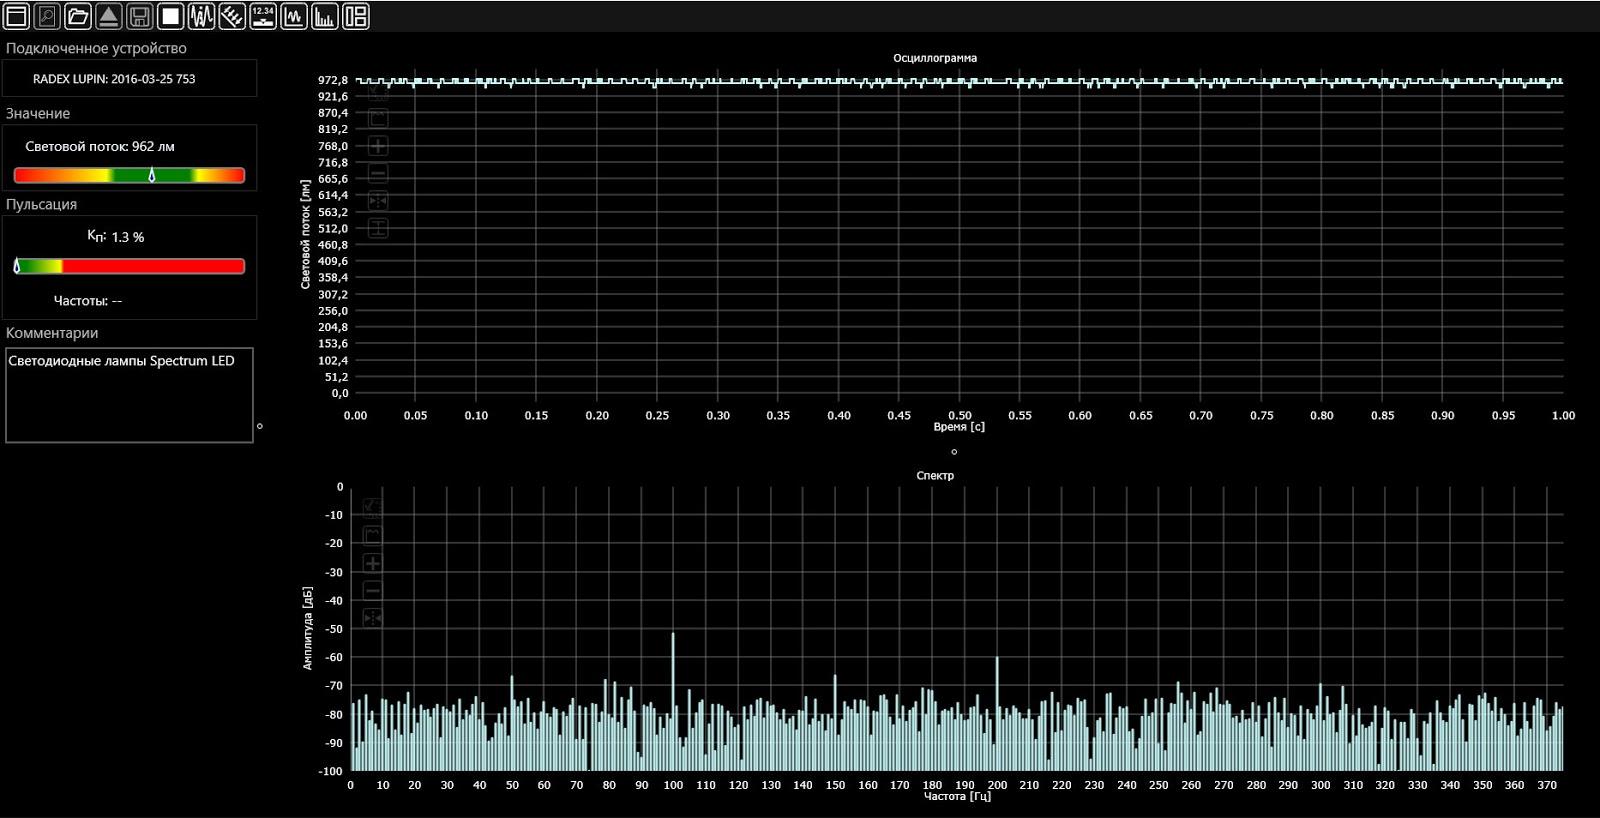 Обзор светодиодных ламп Spectrum Led GU10 из Европы - 9